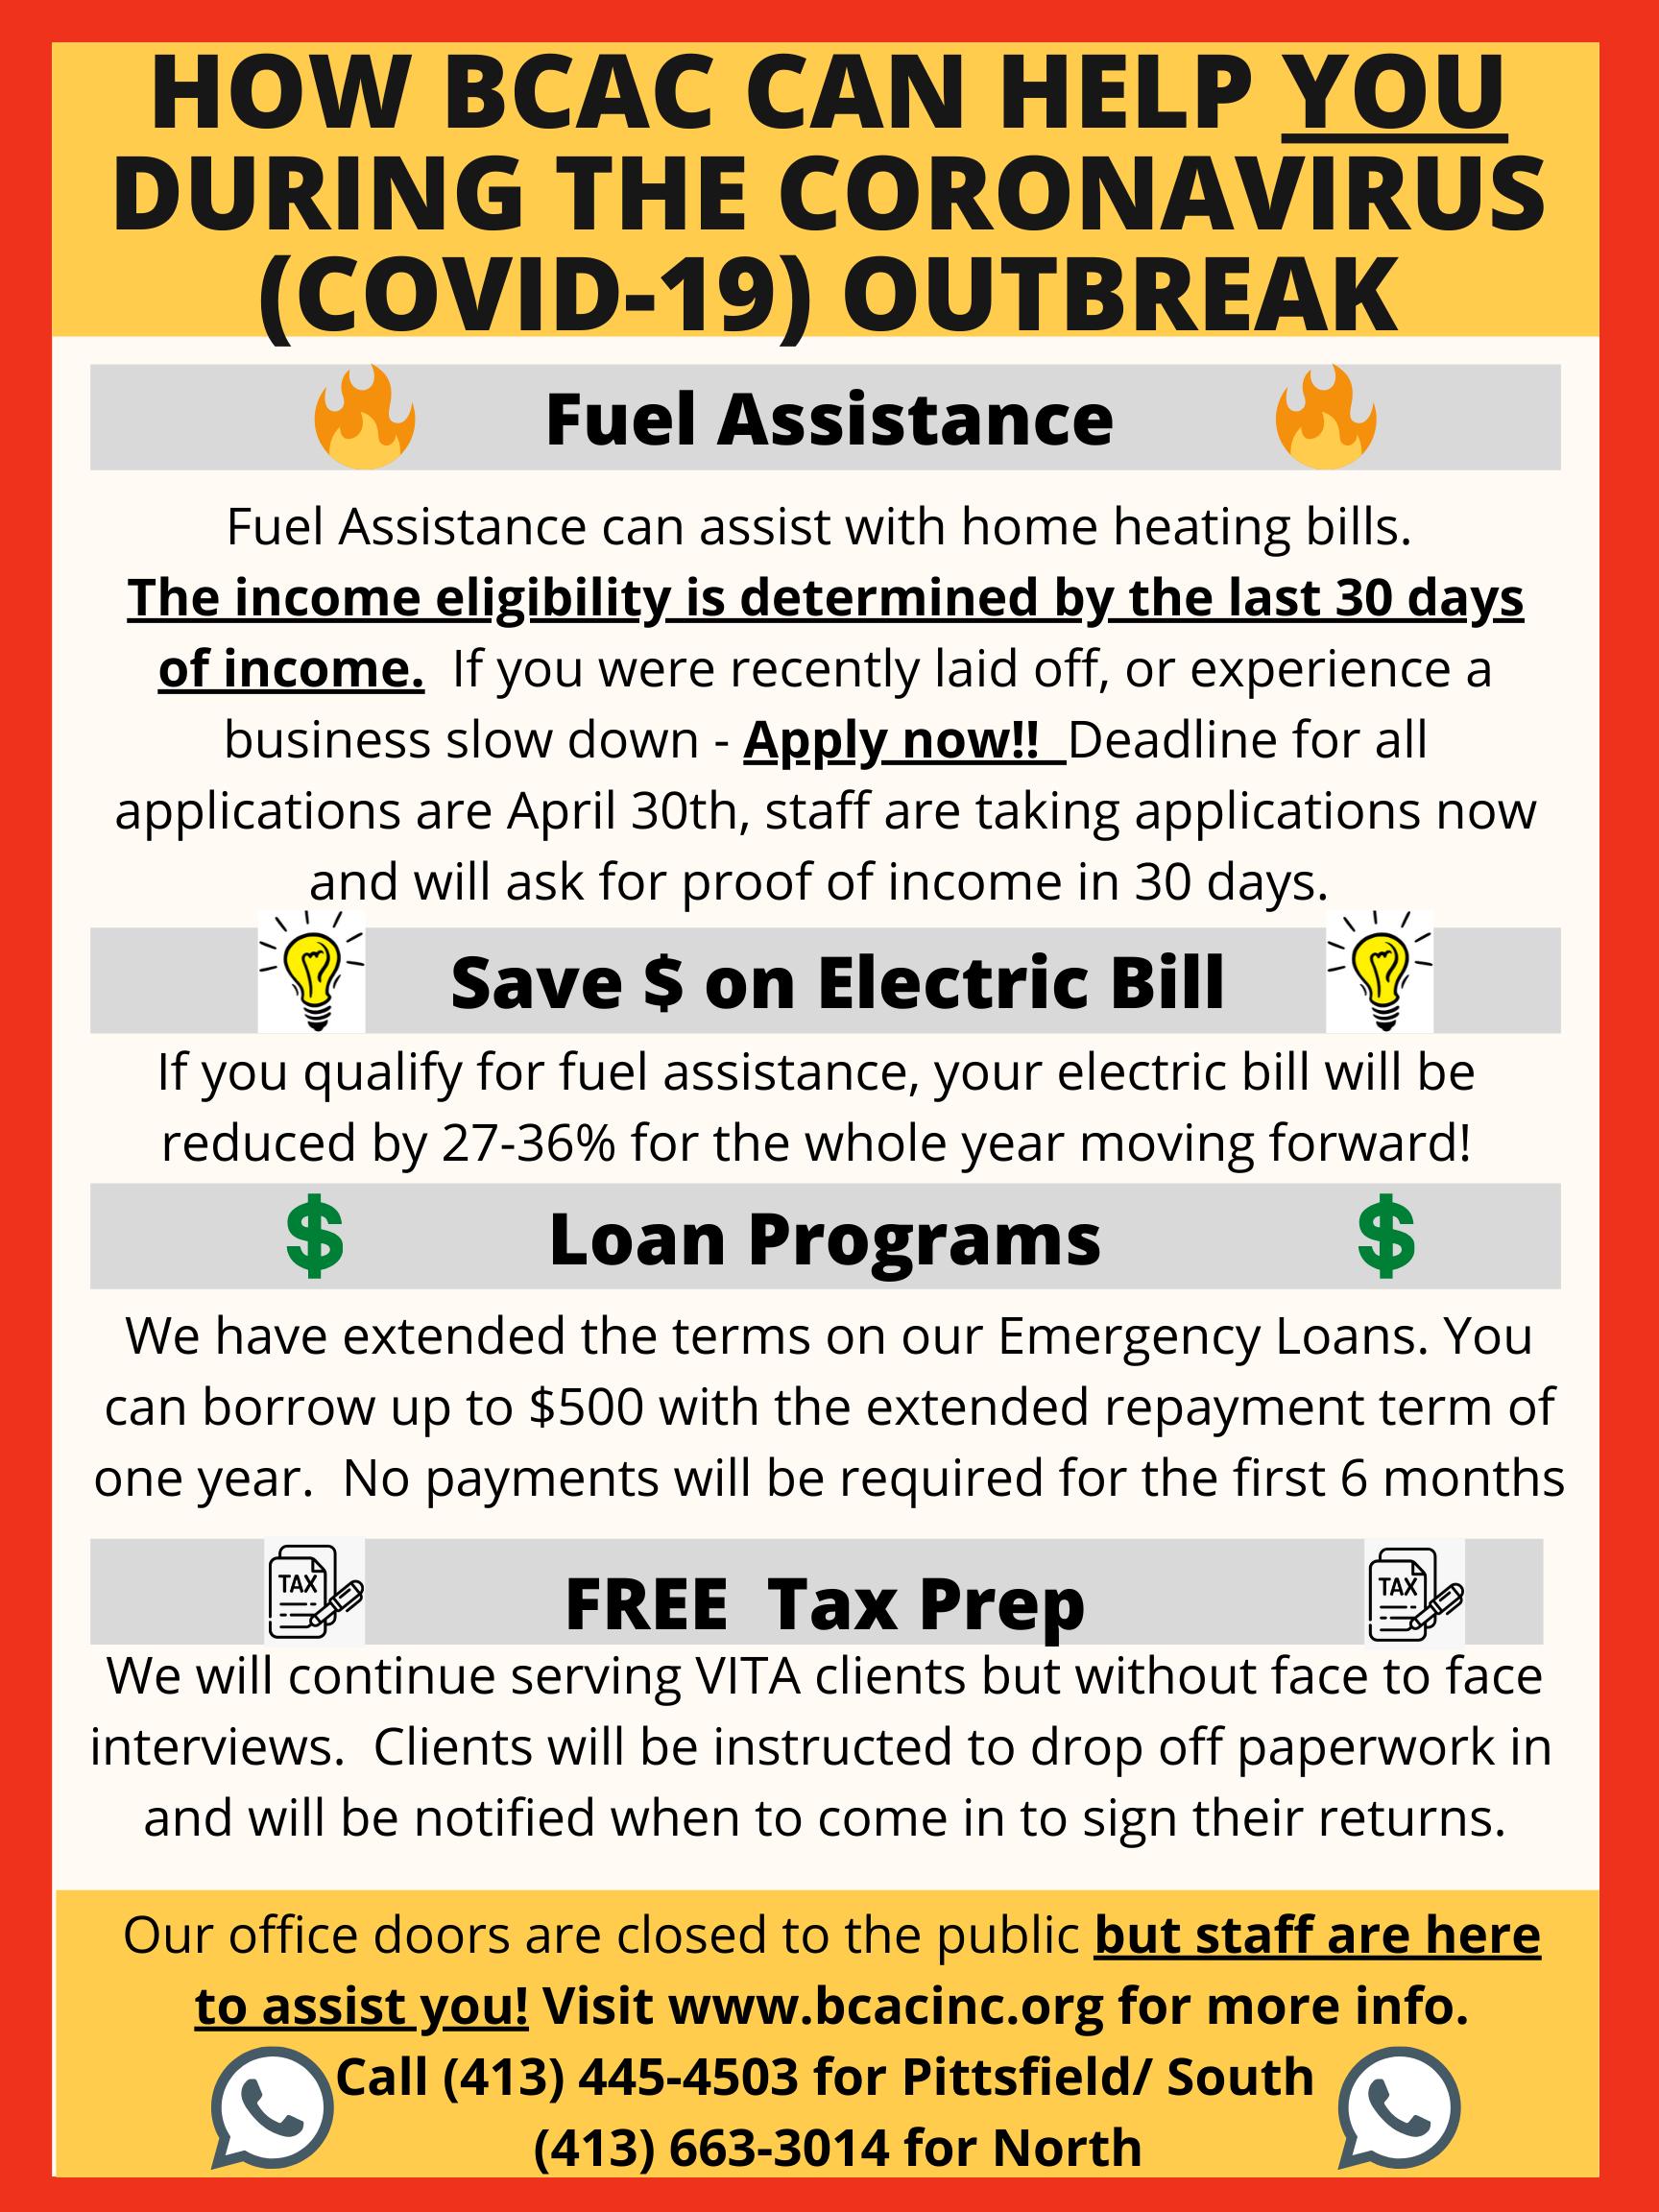 BCAC flyer regarding COVID-19 resources